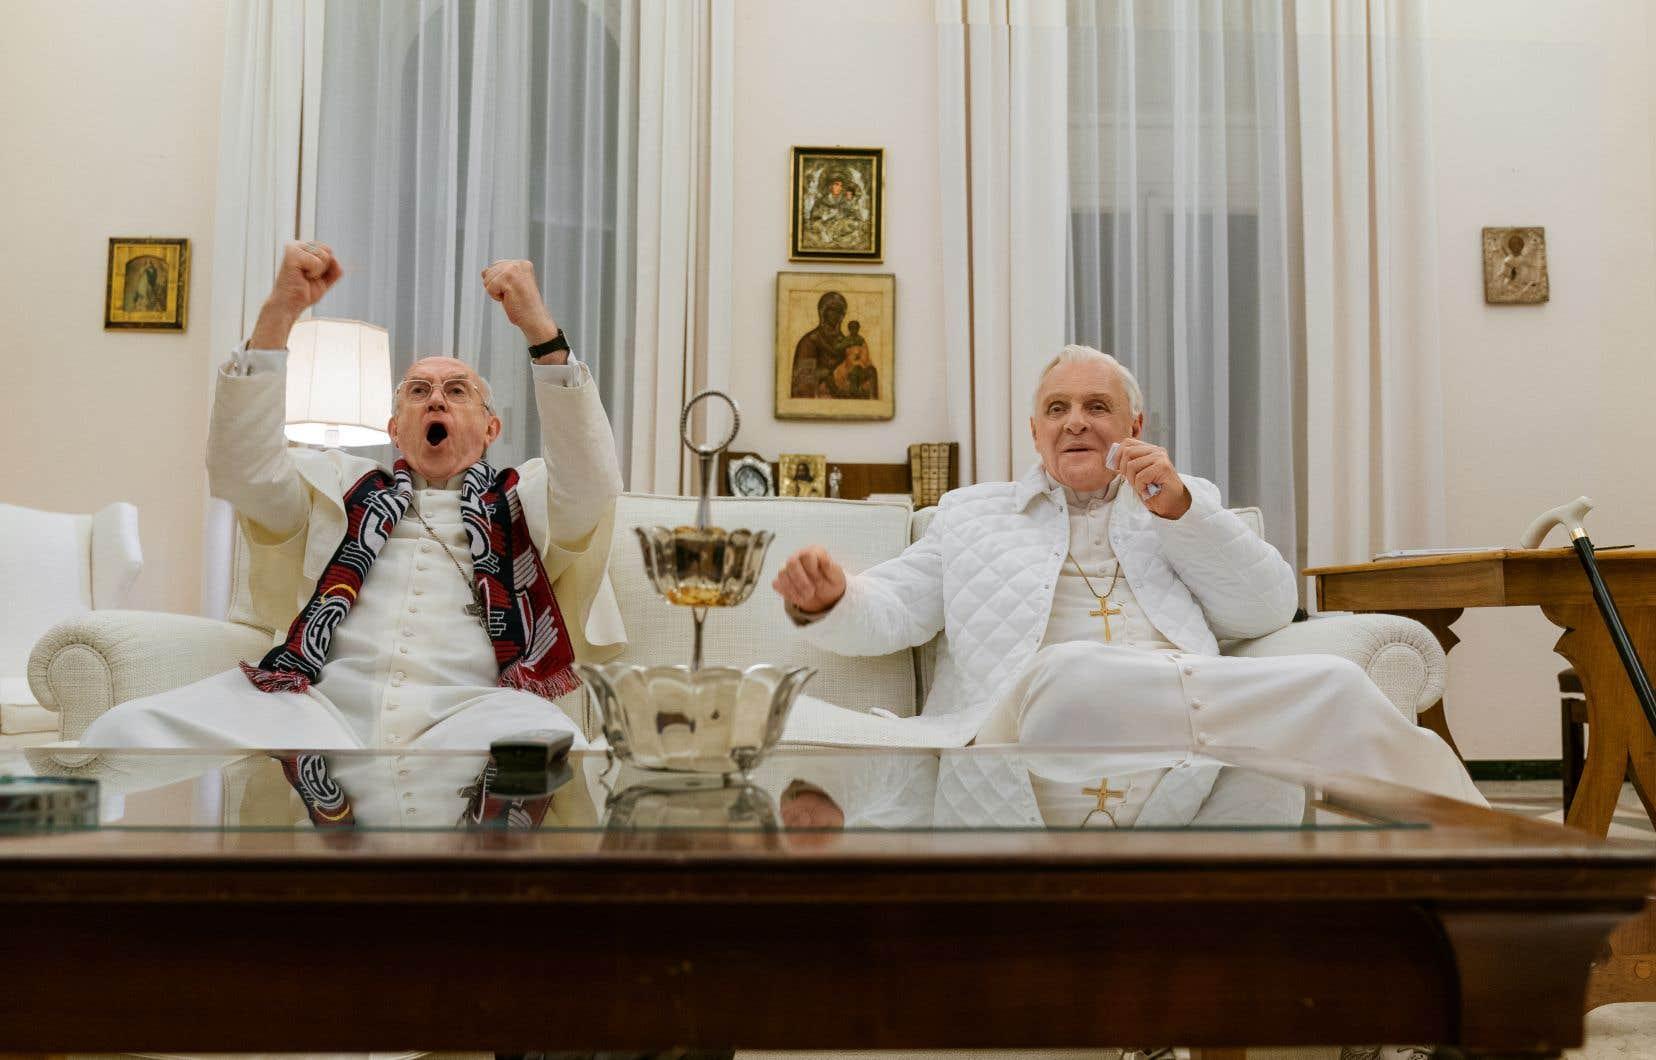 Le cardinal Bergoglio de Jonathan Pryce est le protagoniste véritable de «The Two Popes», et c'est un bonheur de le voir donner la pleine mesure de son talent. Anthony Hopkins n'est pas en reste, cela va de soi. Évoluant dans une classe à part, l'immense comédien livre ici l'une de ses meilleures performances, ce qui n'est pas peu dire.